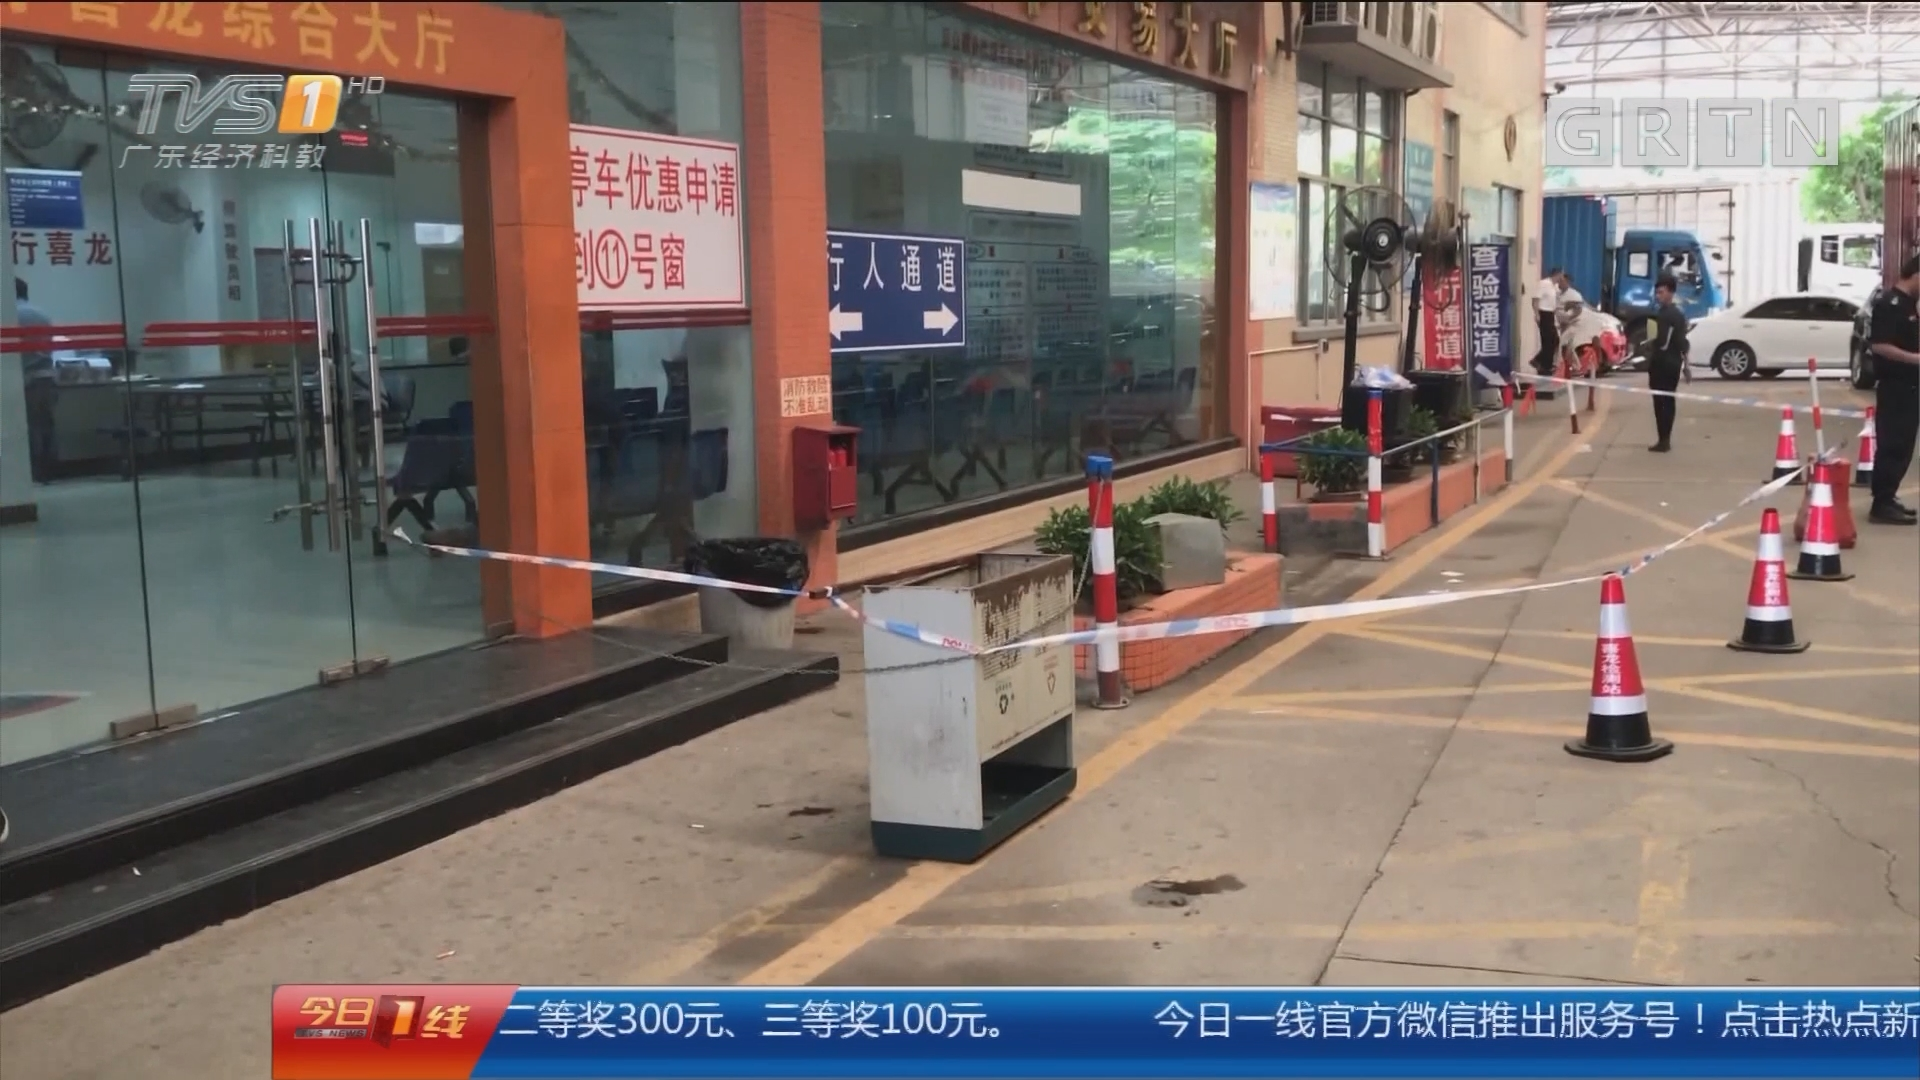 广州芳村:女子被捅多刀 行凶男现场被制服